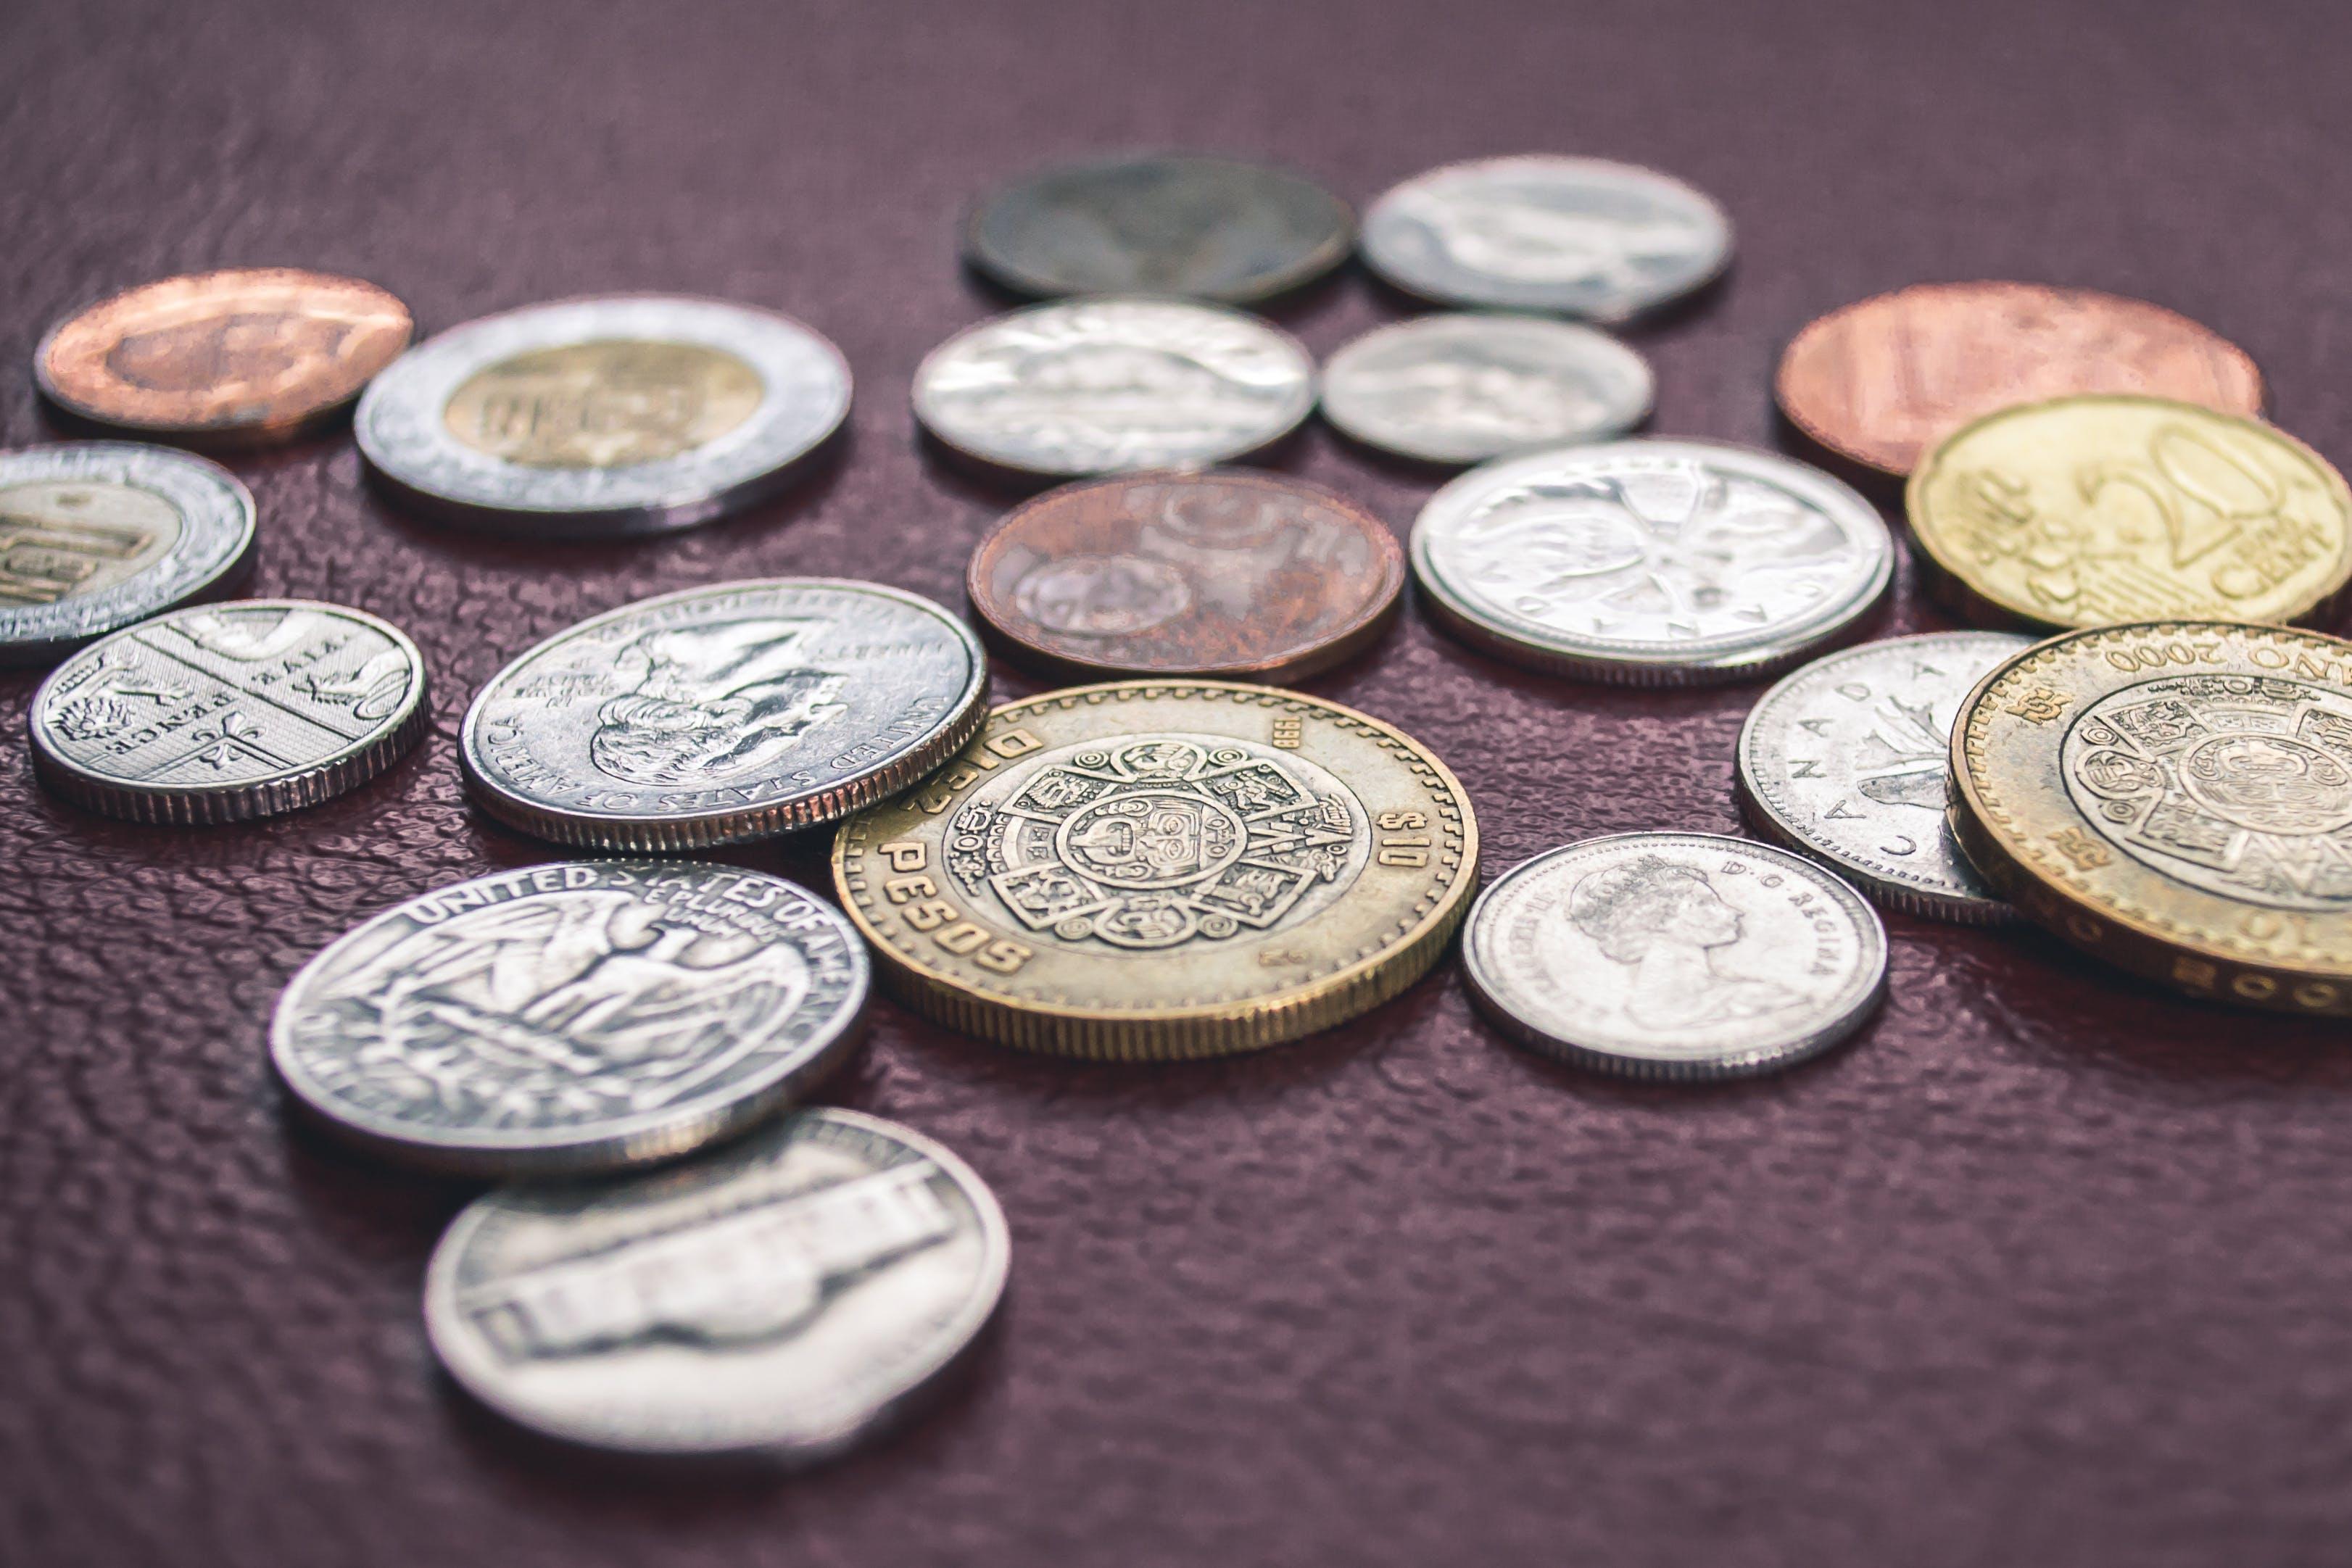 Kostenloses Stock Foto zu usa, geld, münzen, kanada